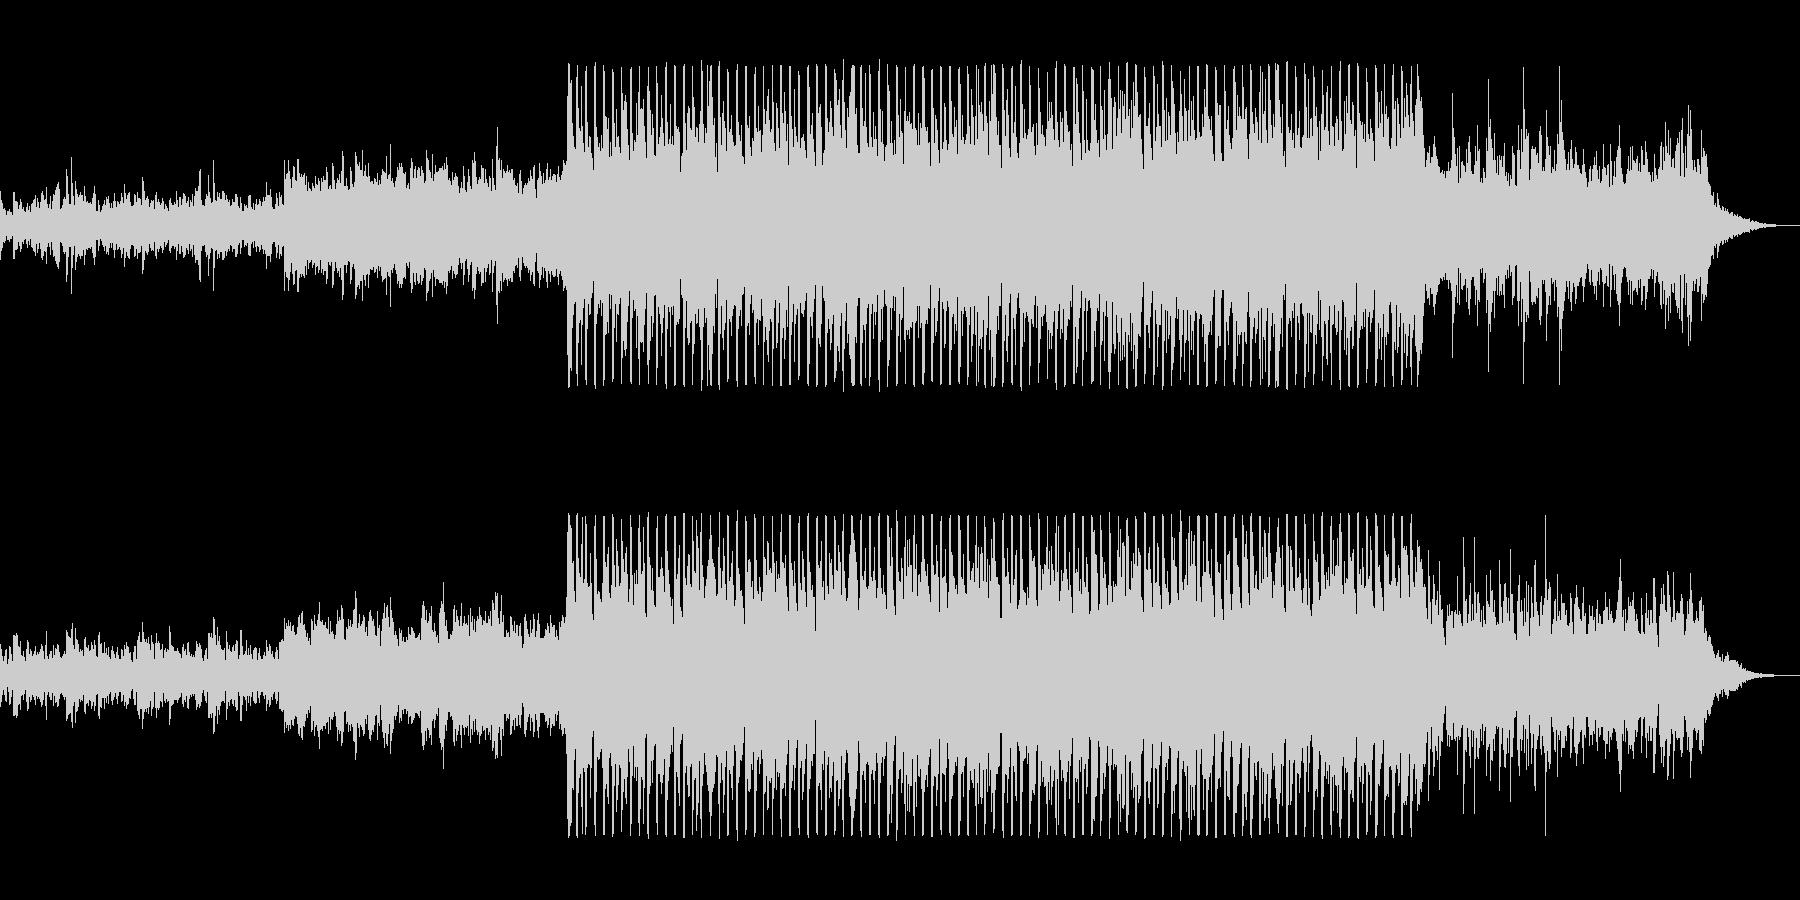 グラス系シーケンサーの軽やかテクノポップの未再生の波形